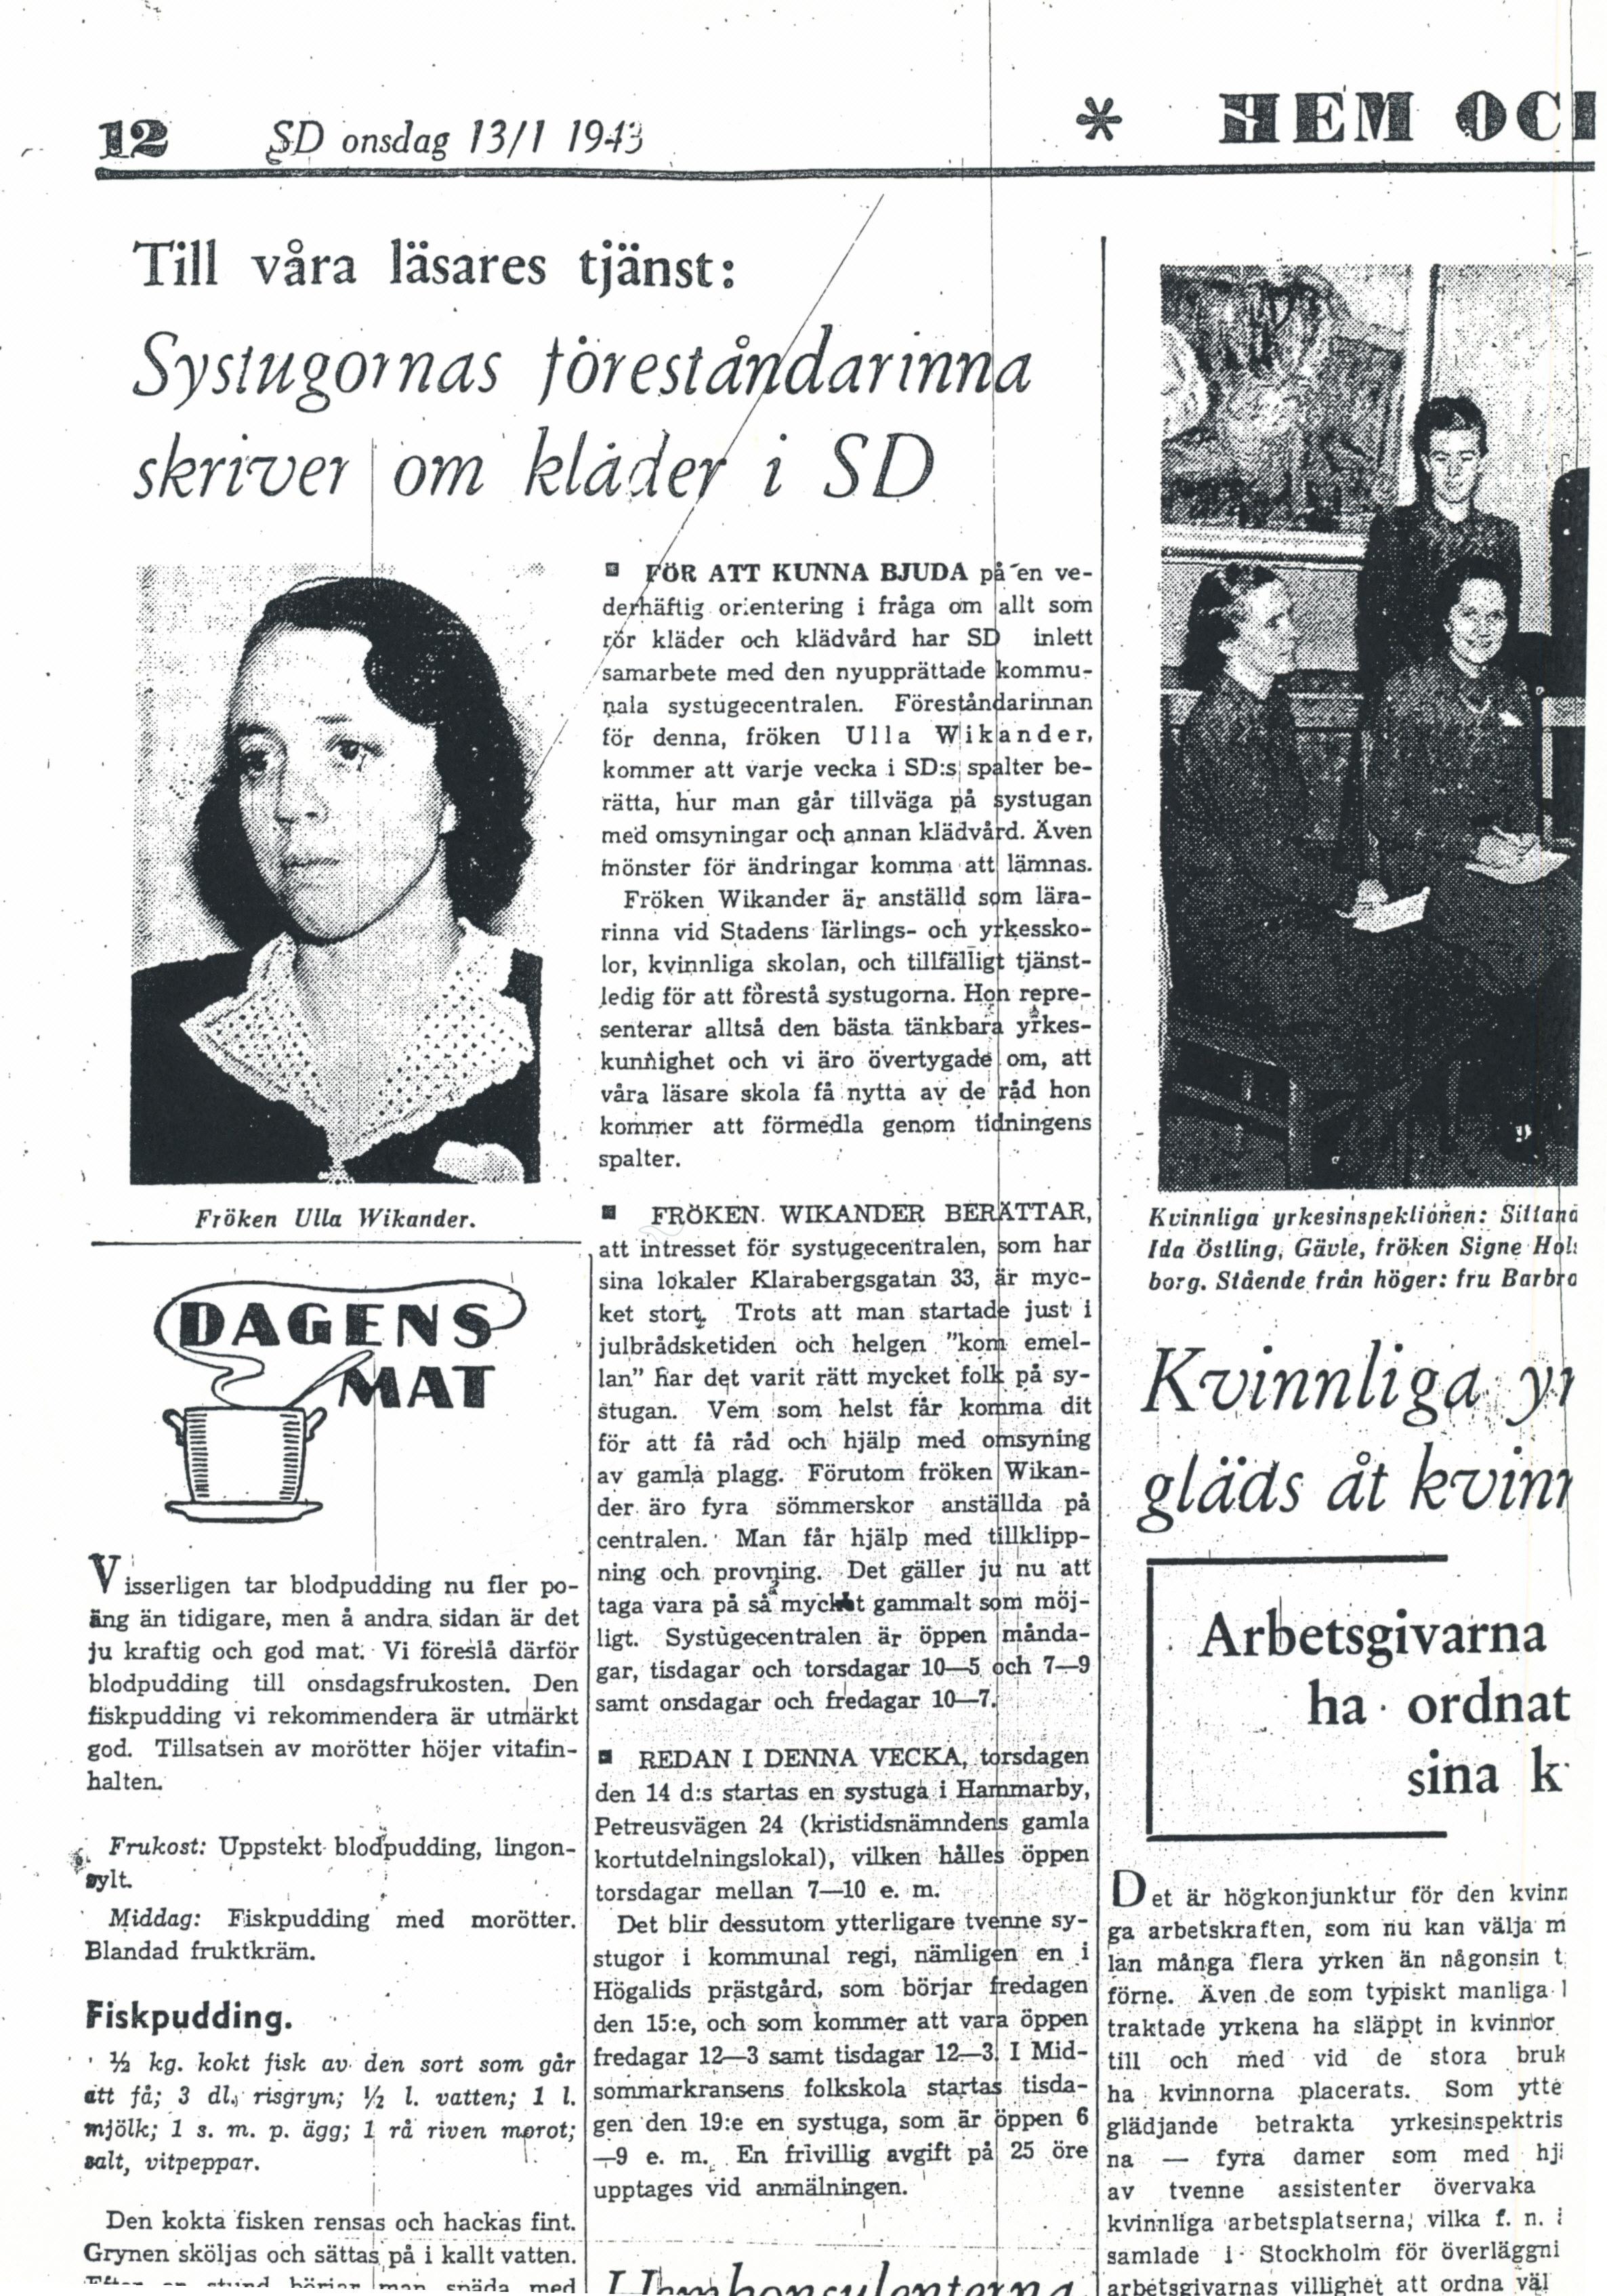 Ulla Wikander f 1912